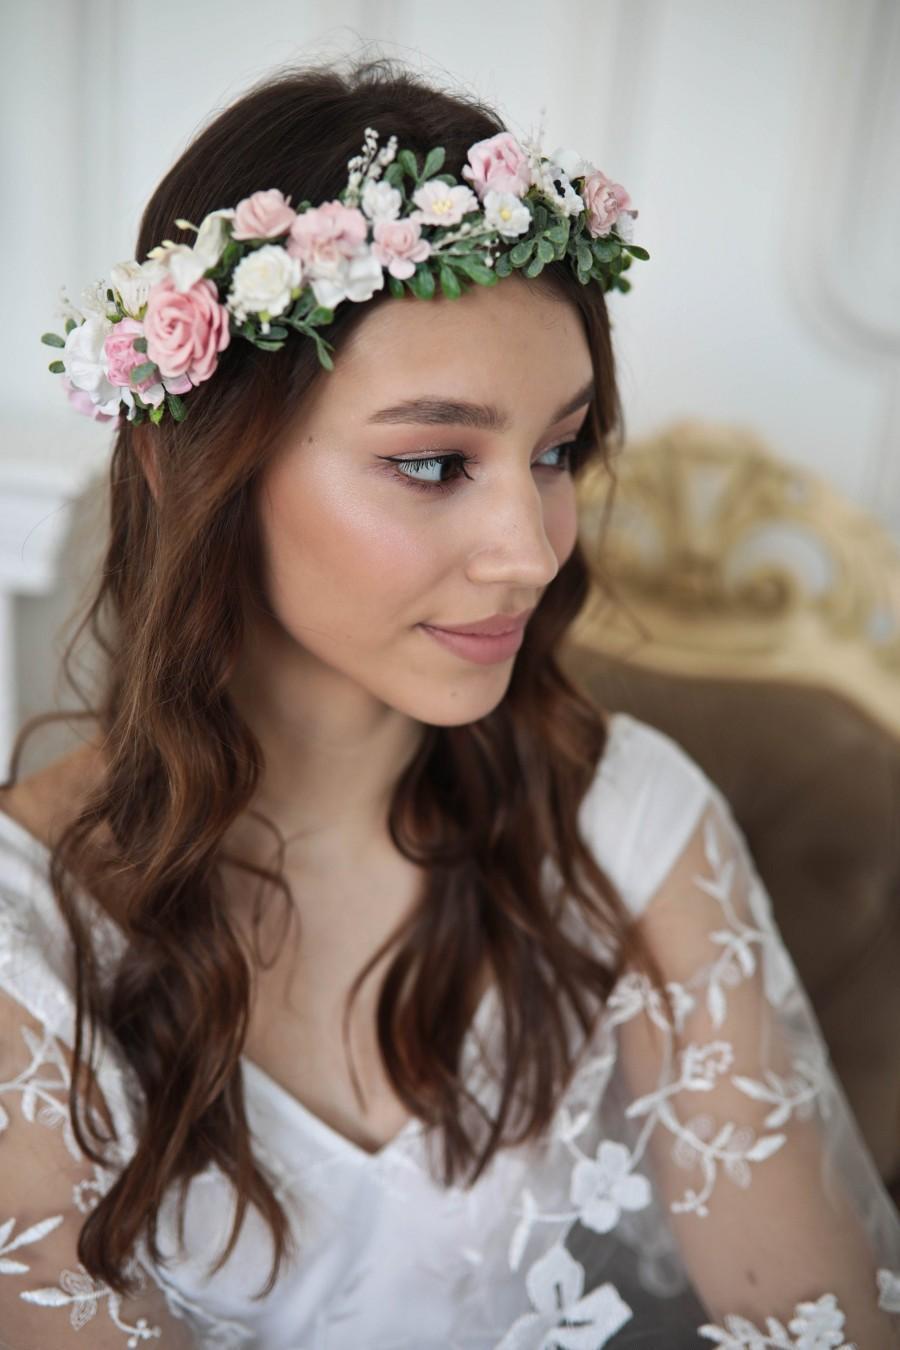 زفاف - Flower Crown for Romantic Bride Hairstyle. White & Pink Flowers Boho Wreath. Wedding flower hair piece from rose, greenery. Bridal Accessory